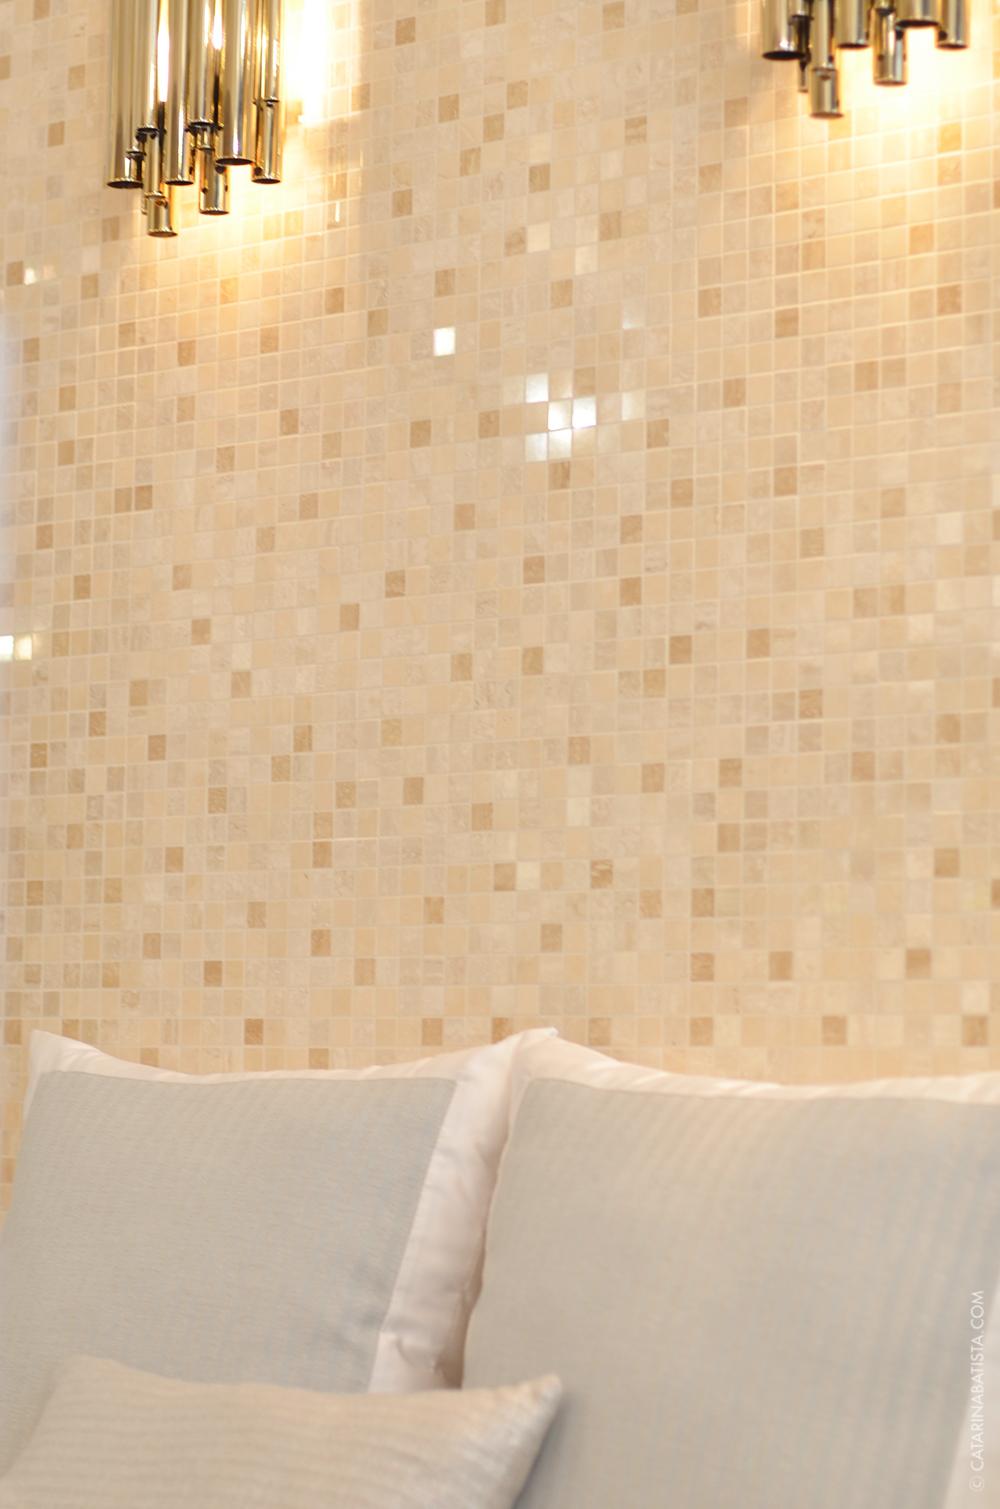 13-catarina-batista-arquitectura-design-interior-showroom-love-tiles-flat-bedroom-livingroom-bathroom.jpg